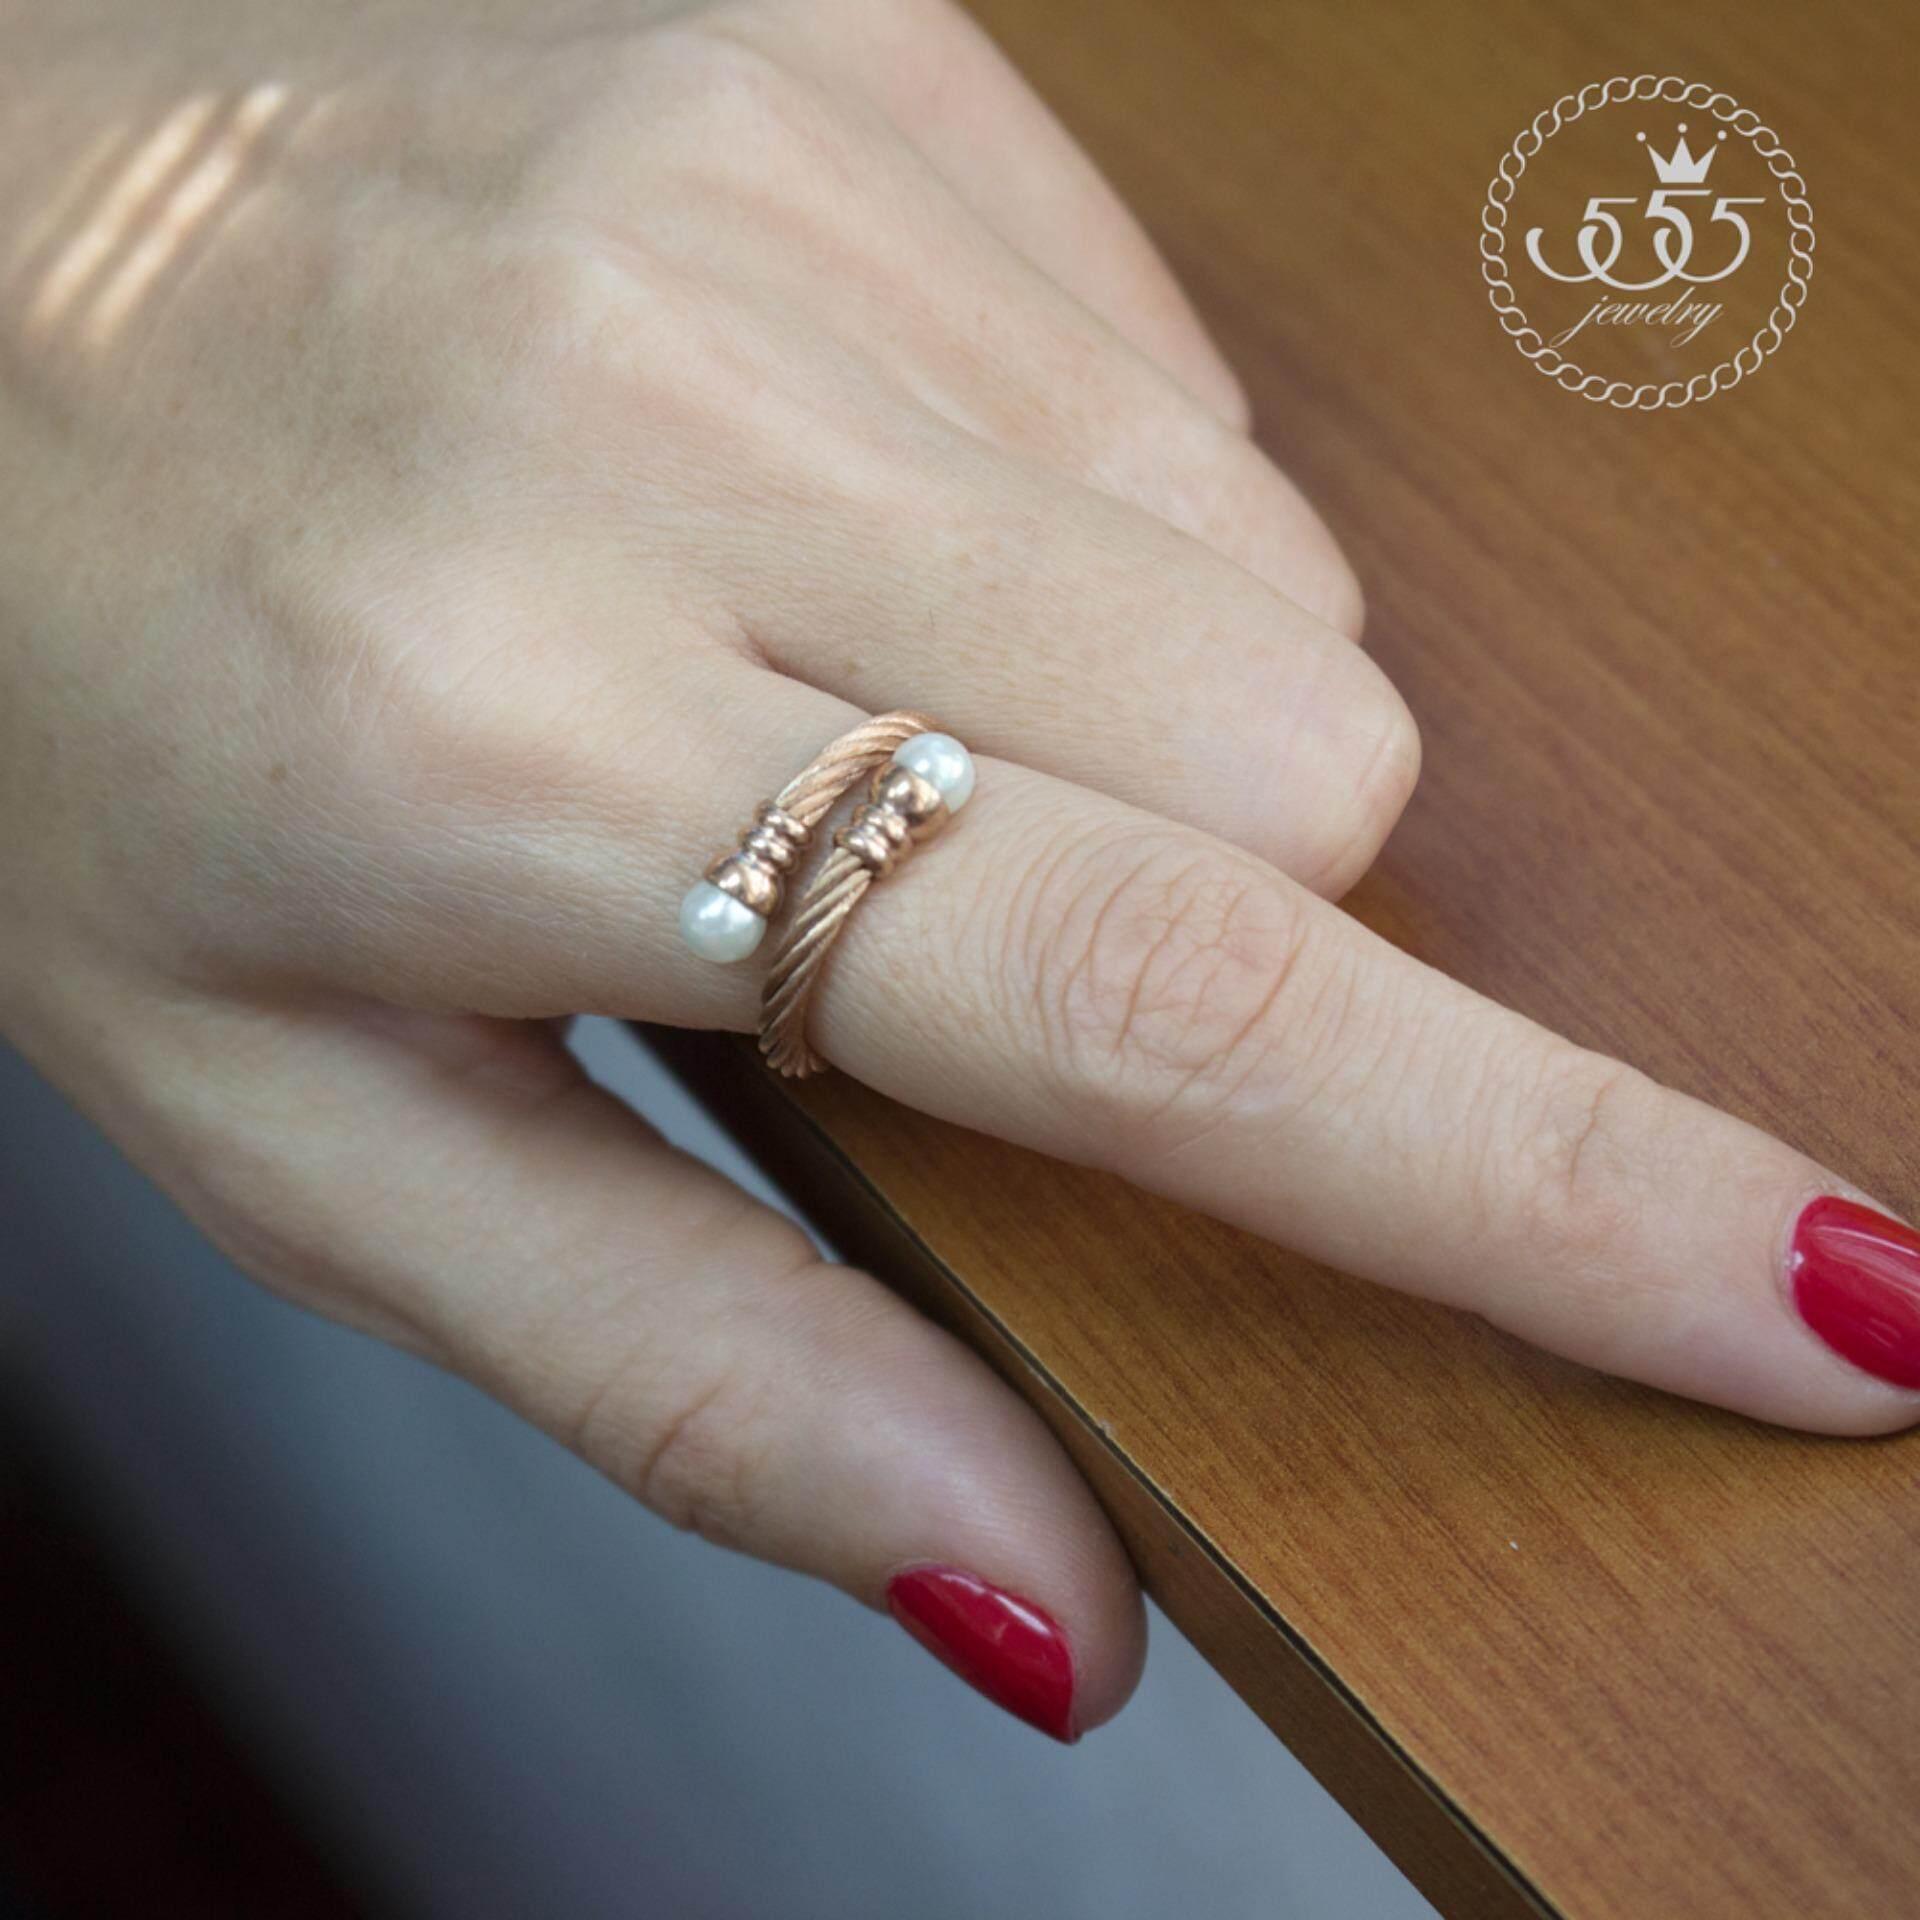 ซื้อ 555Jewelry แหวนดีไซน์เก๋ Free Size รุ่น Mnc R733 C สี พิ้งโกลด์ แหวนปรับไซส์ได้ ปรับขนาดได้ R62 แหวนผู้หญิง แหวนคู่ แหวนคู่รัก เครื่องประดับ แหวนผู้ชาย แหวนแฟชั่น ใหม่ล่าสุด